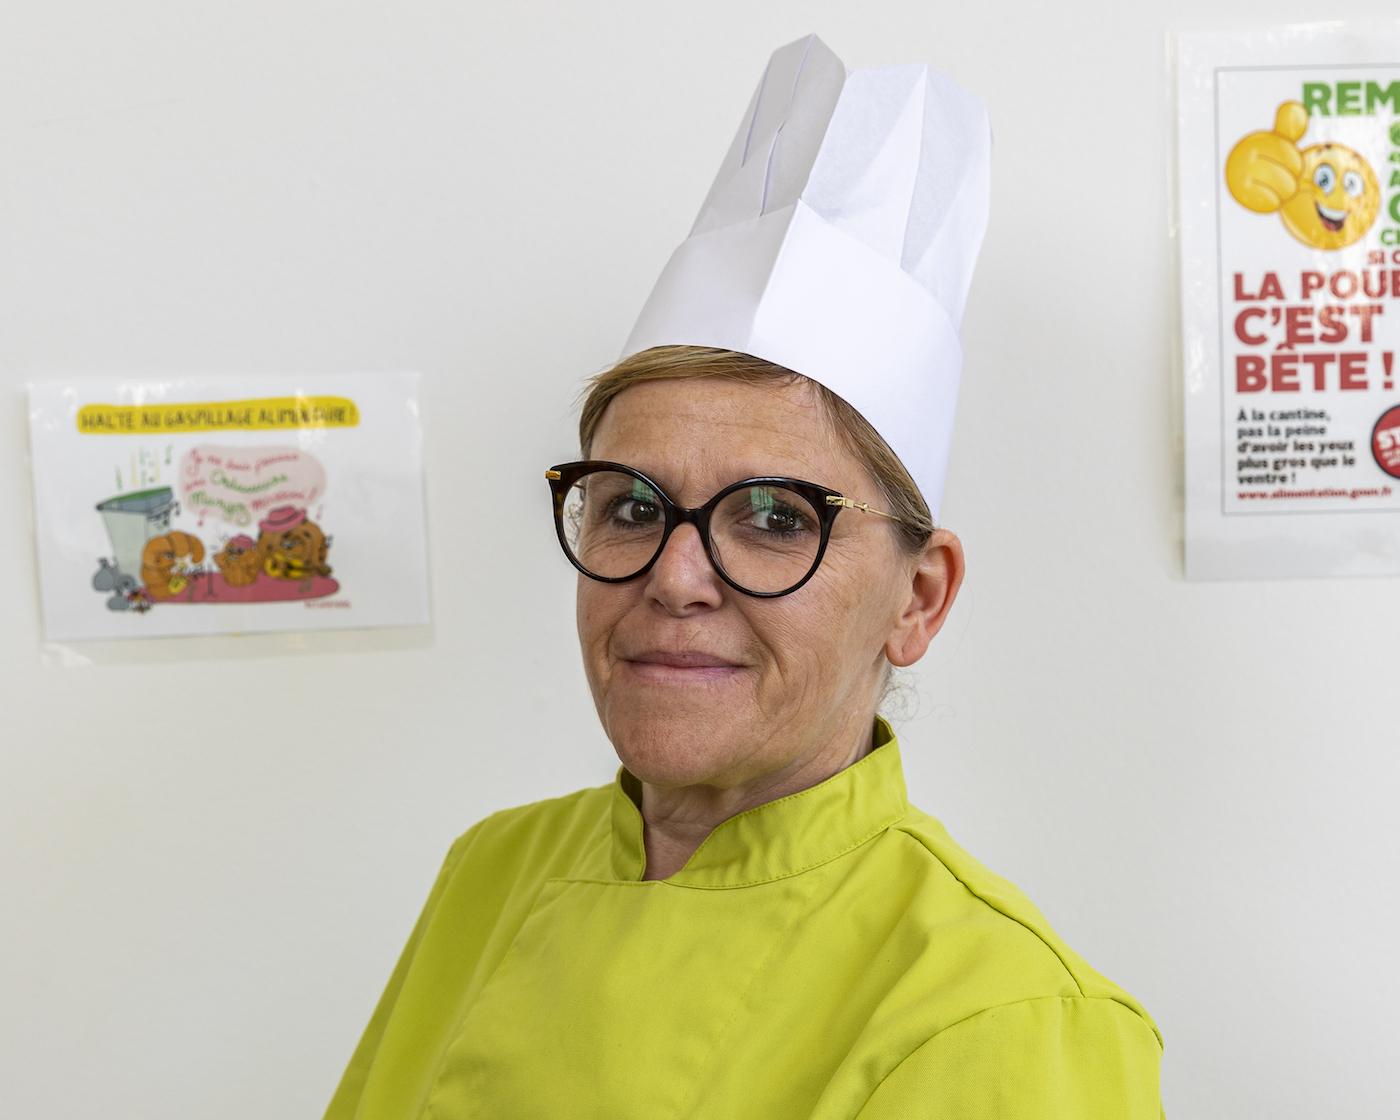 La Chef de cuisine sourit au photographe.